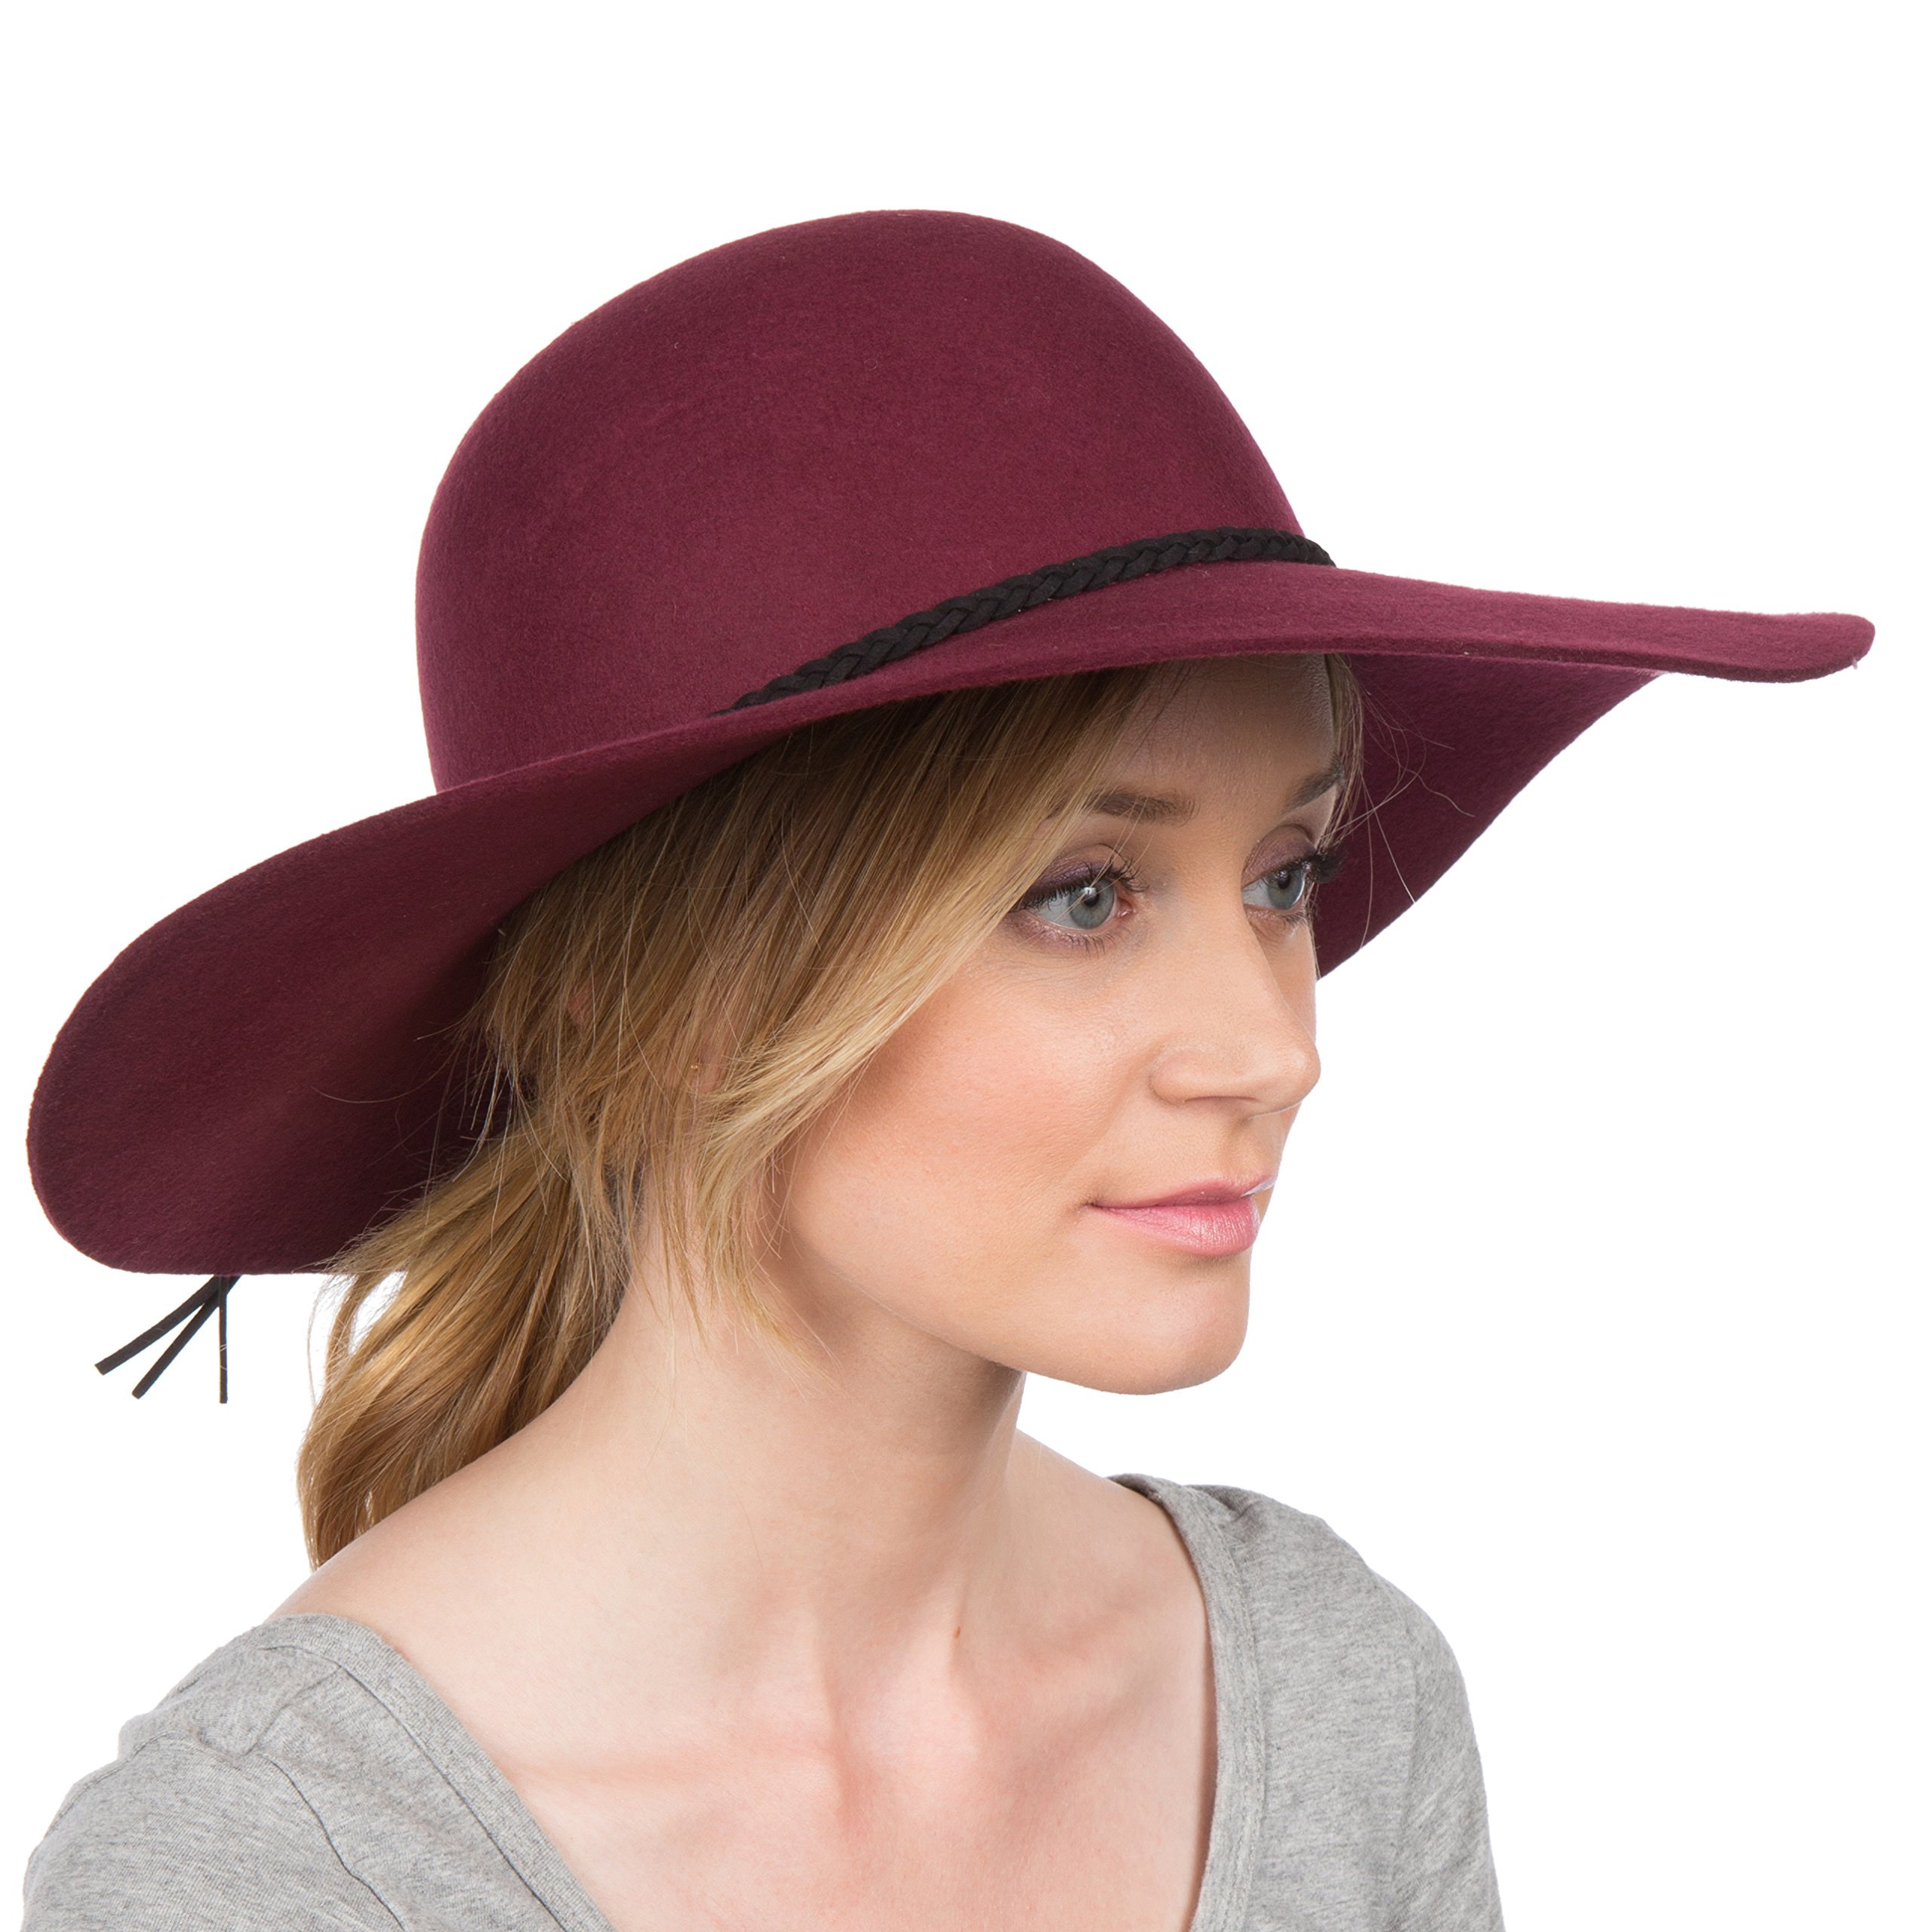 Sakkas 2041SS Greta Vintage Style Wool Floppy Hat - Burgundy - One Size by Sakkas (Image #1)